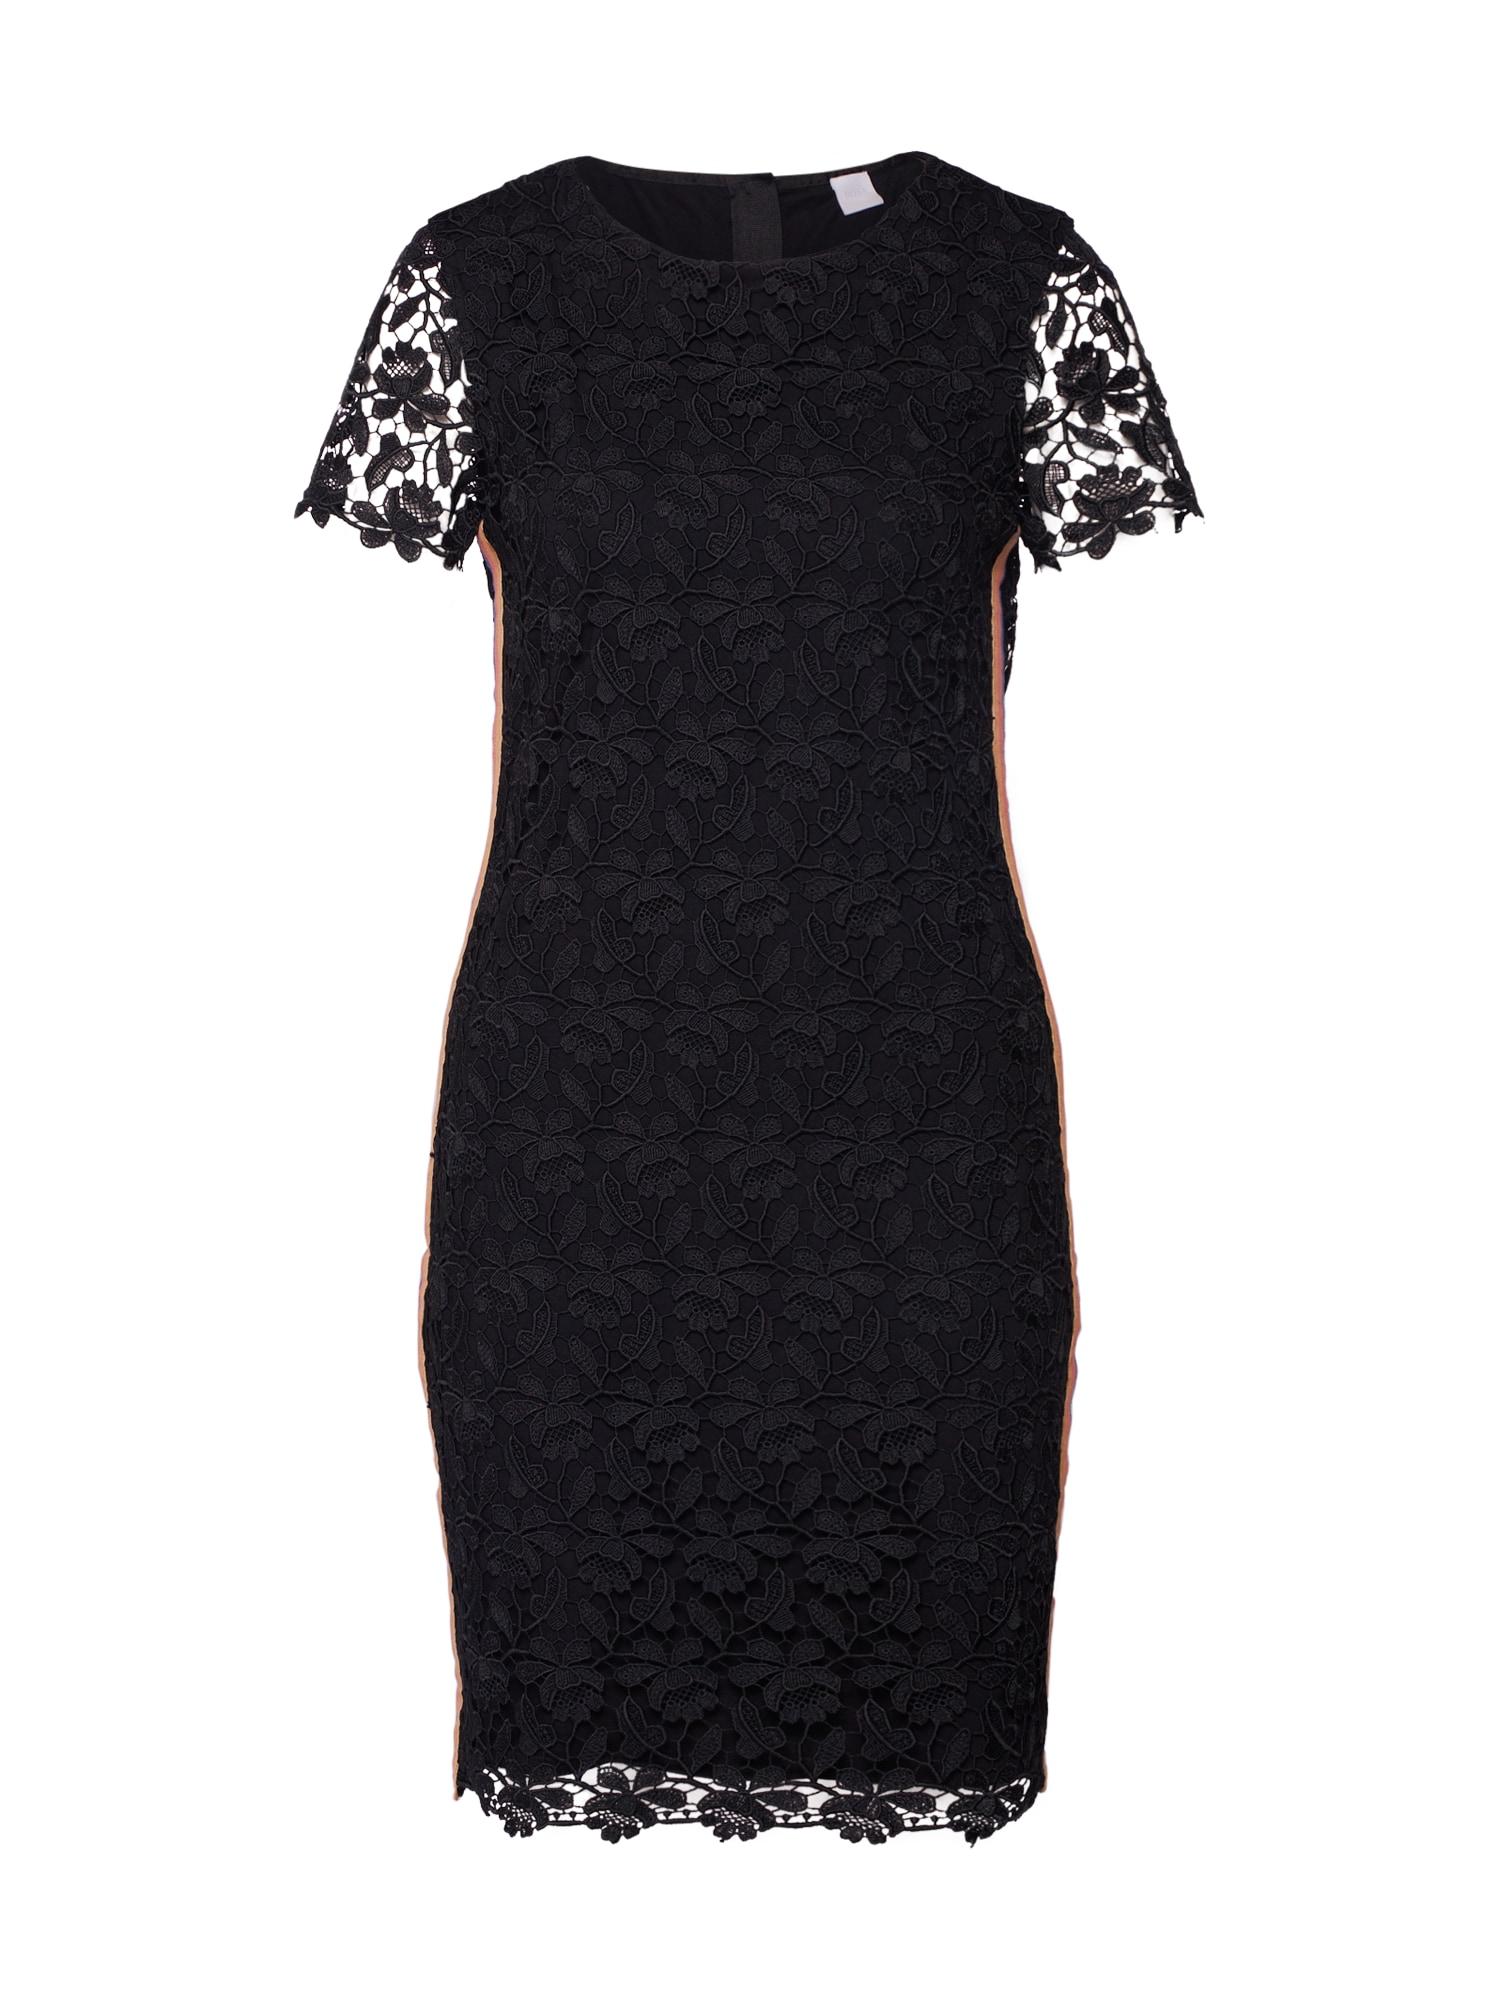 Šaty Daruch 1 černá BOSS